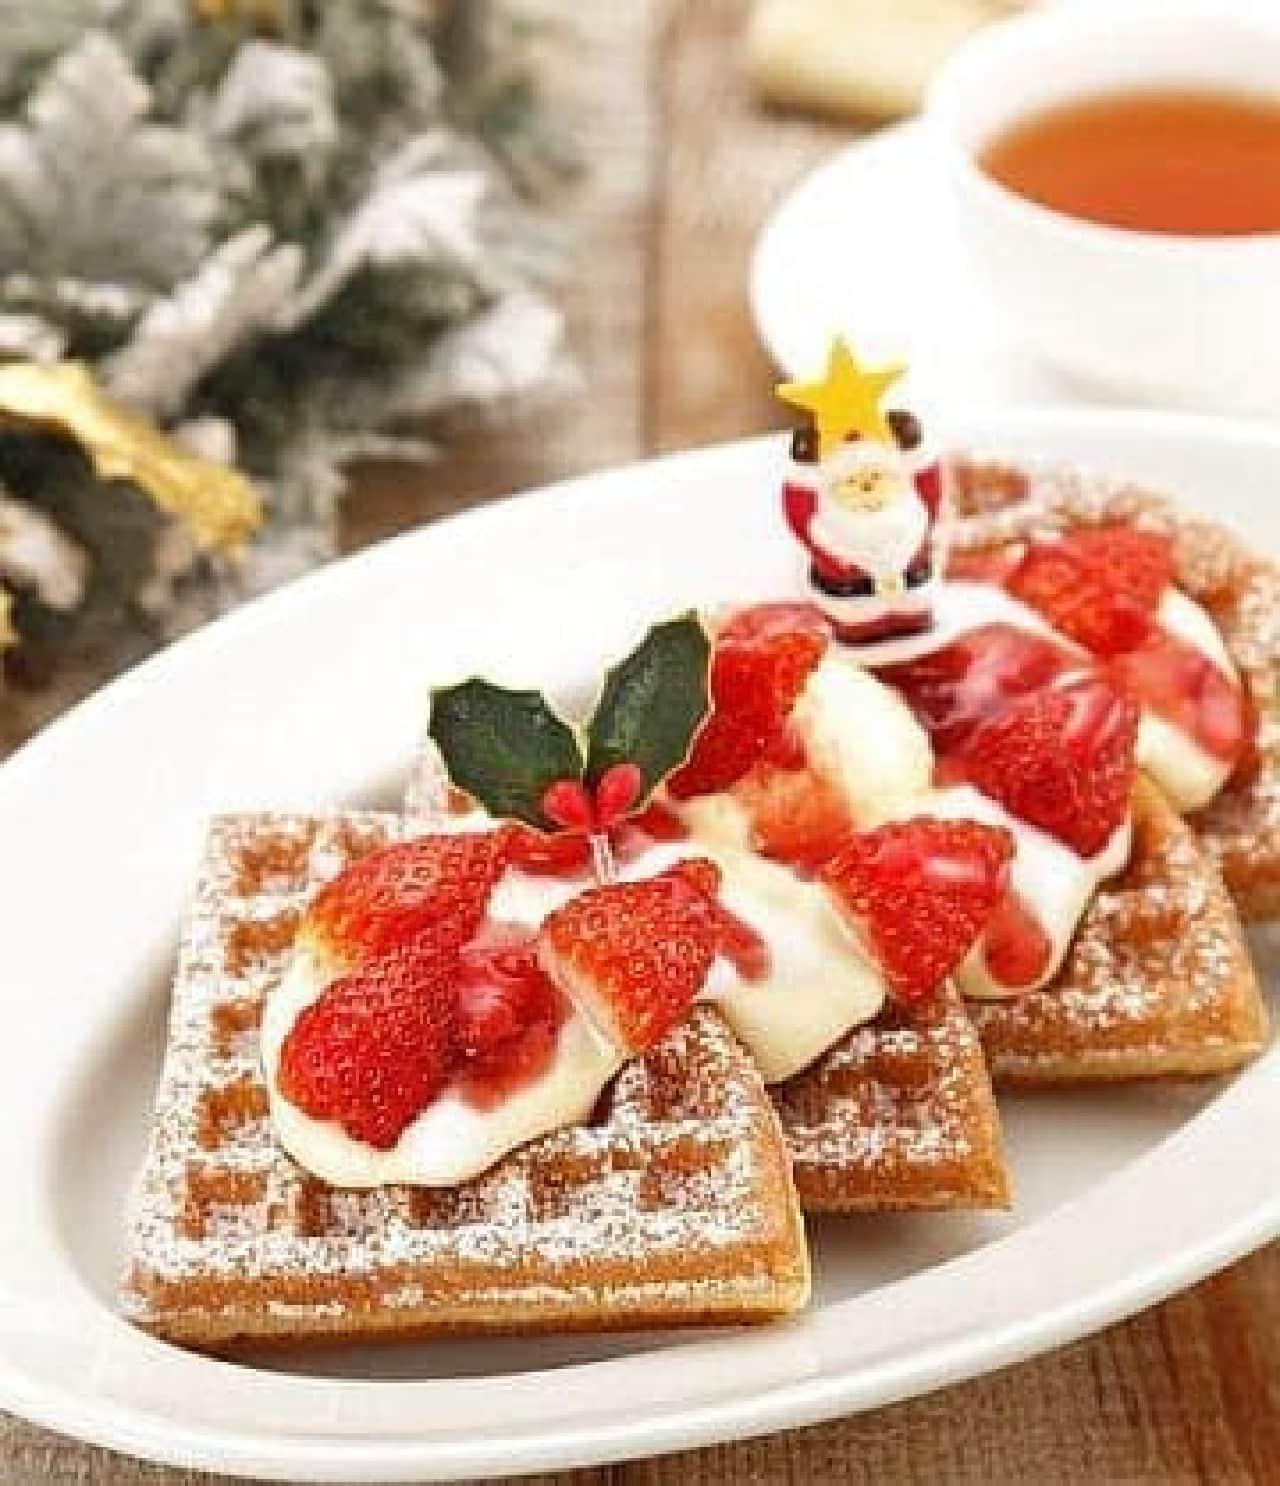 マザーリーフ「いちごとマスカルポーネチーズクリームのクリスマスワッフル」